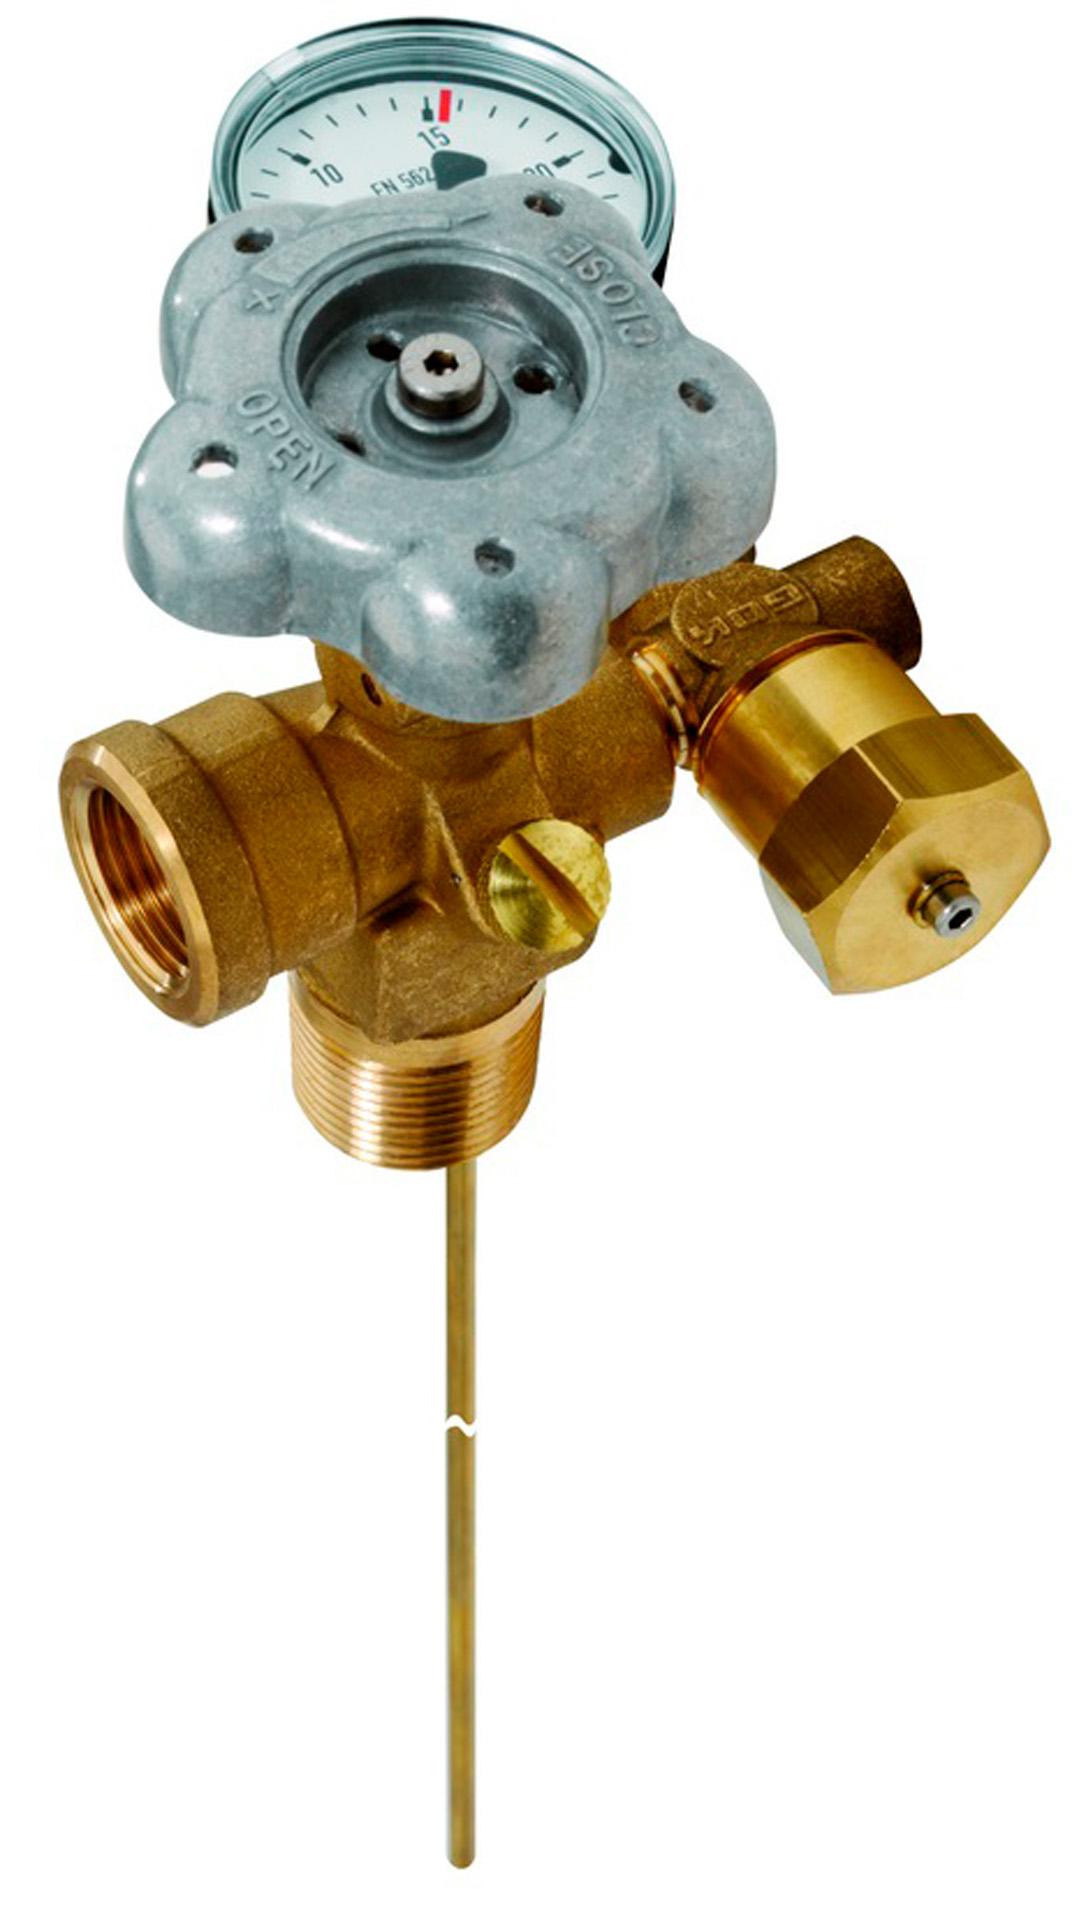 55 000 00 Вентиль паровой фазы для емкости сжиженного газа с L=1150МА. 15,6 бар Тип 55212